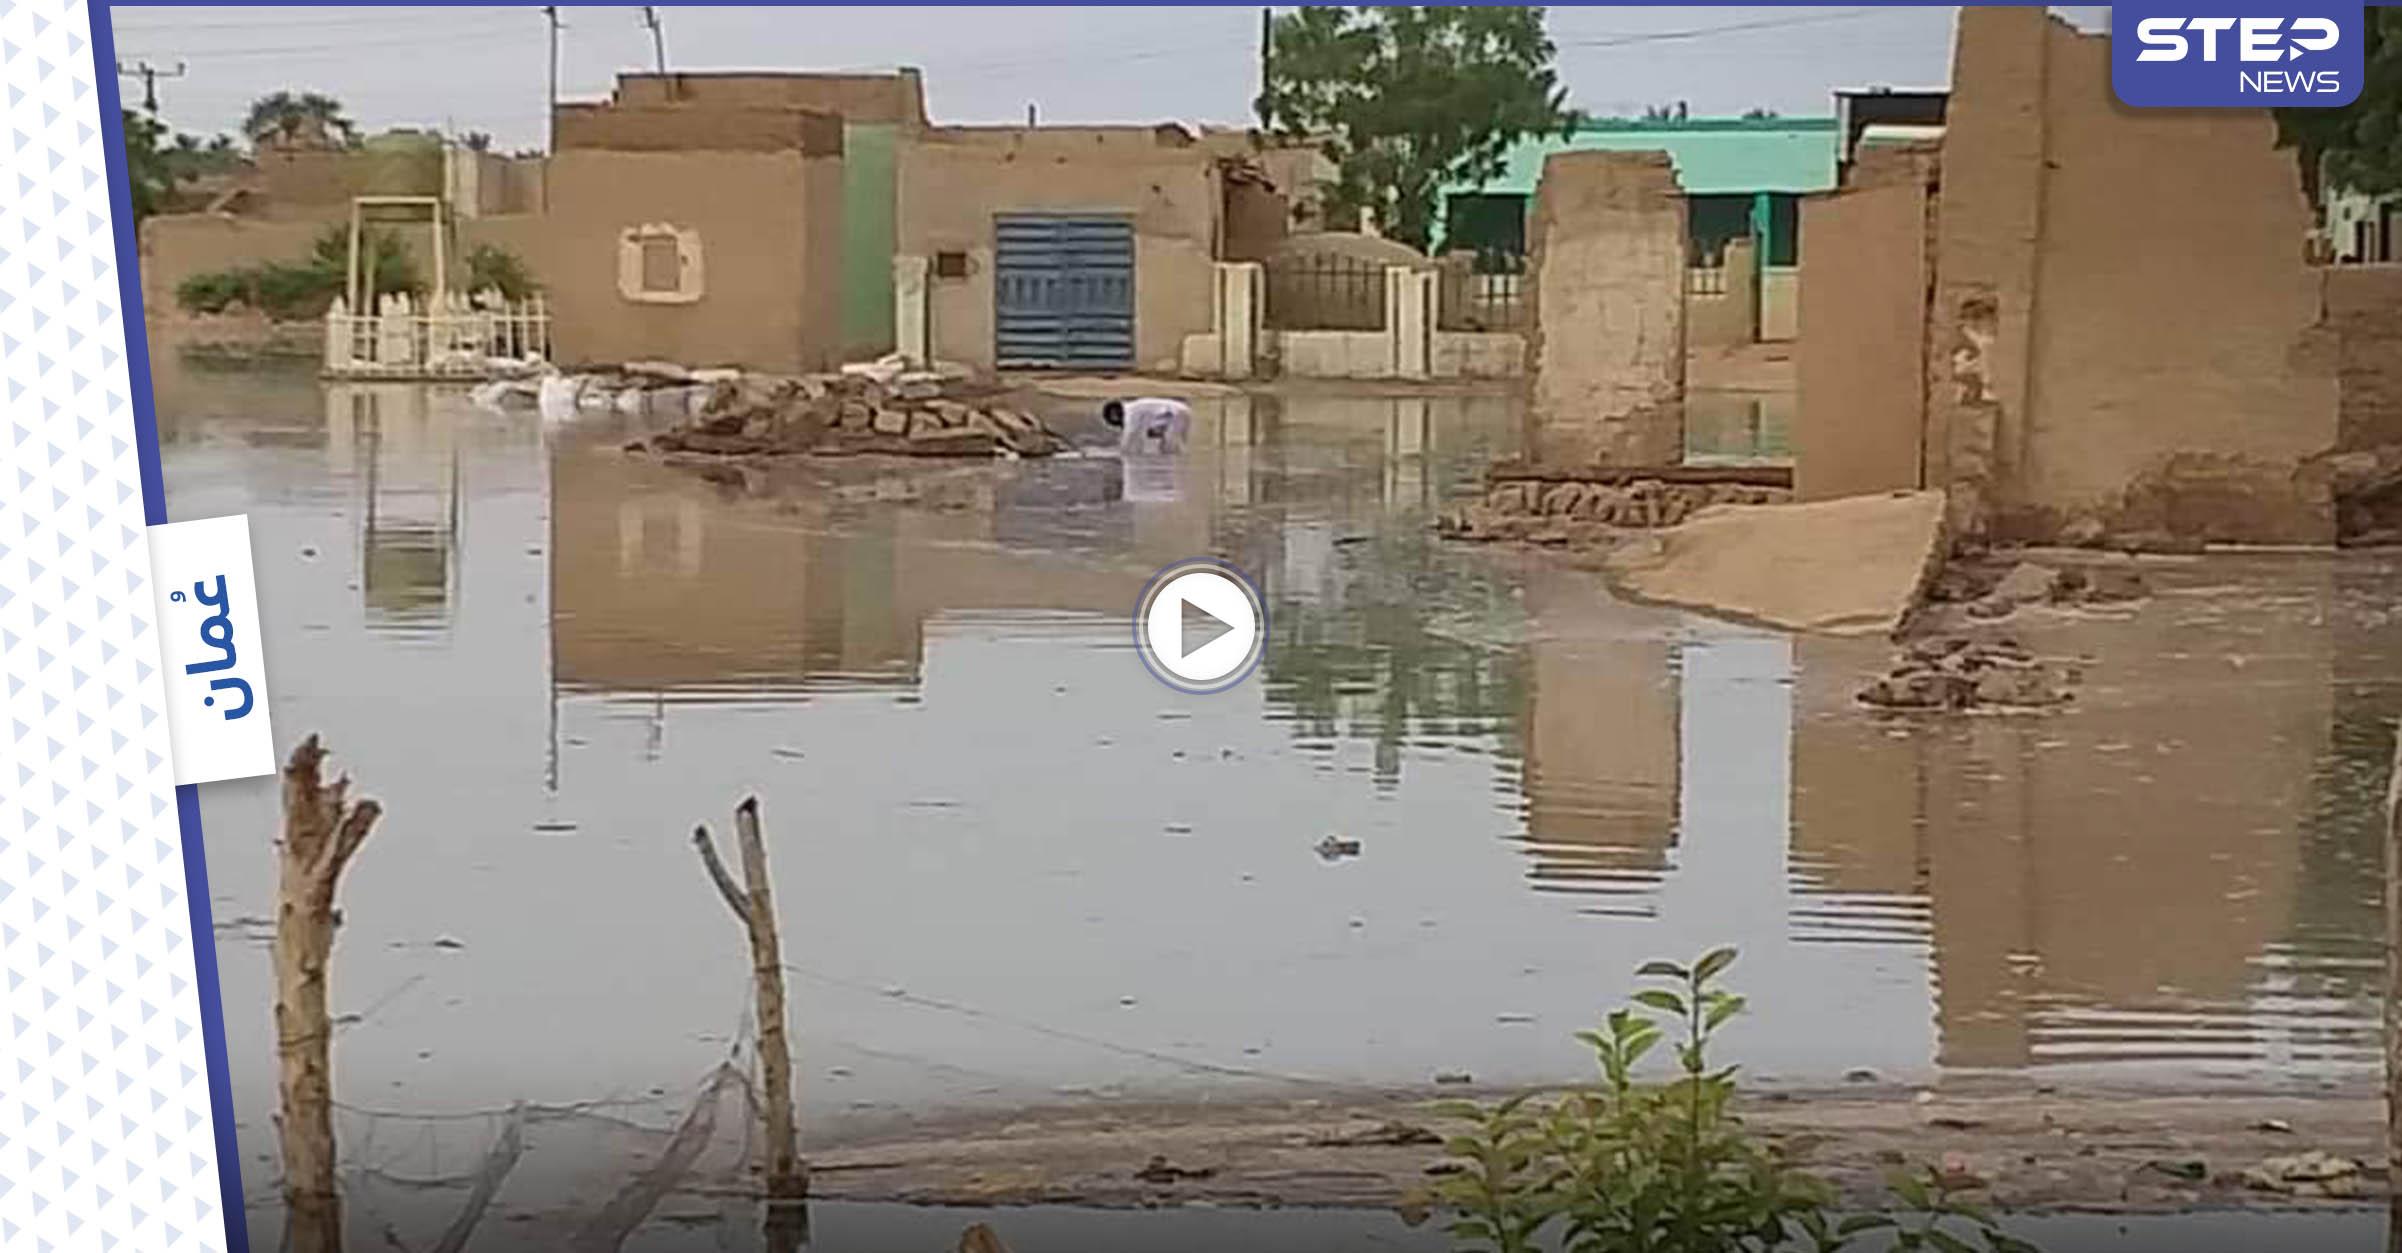 بالفيديو|| صاعقة مرعبة تضرب سلطنة عمان ومشاهد تحبس الأنفاس لإنقاذ مواطنين عالقين وسط السيول بعد وفاة شخص وفقدان آخرين